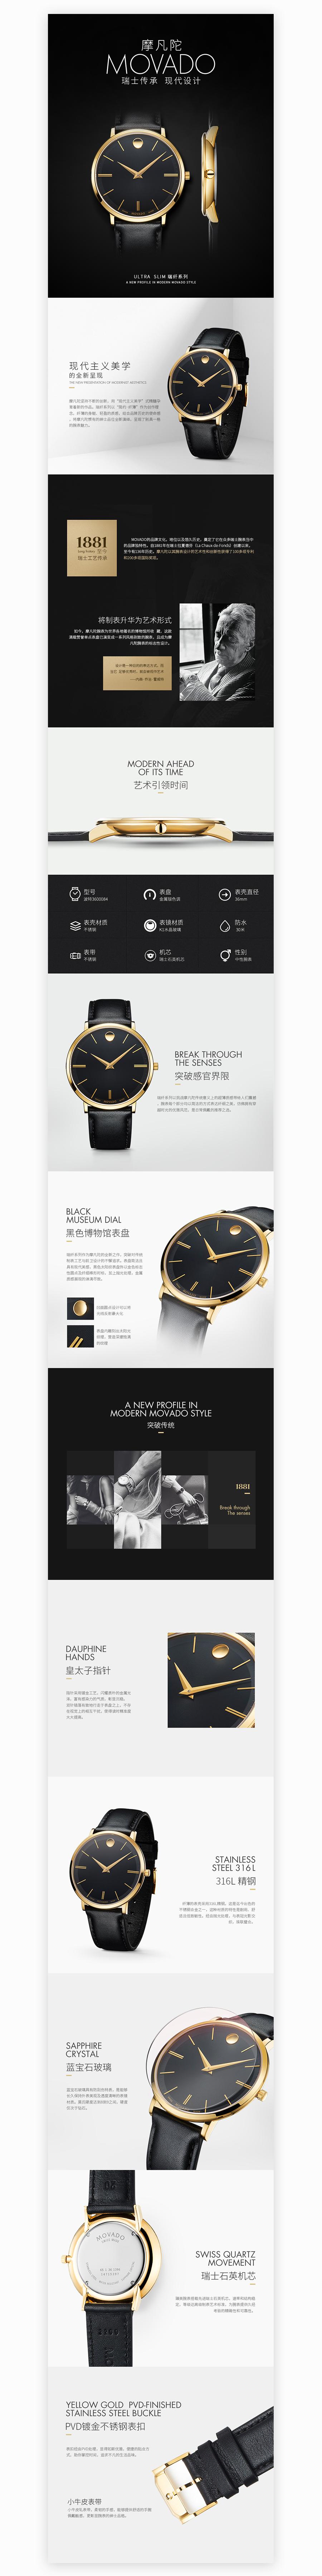 查看《MOVADO手表首页详情页设计~》原图,原图尺寸:900x7207